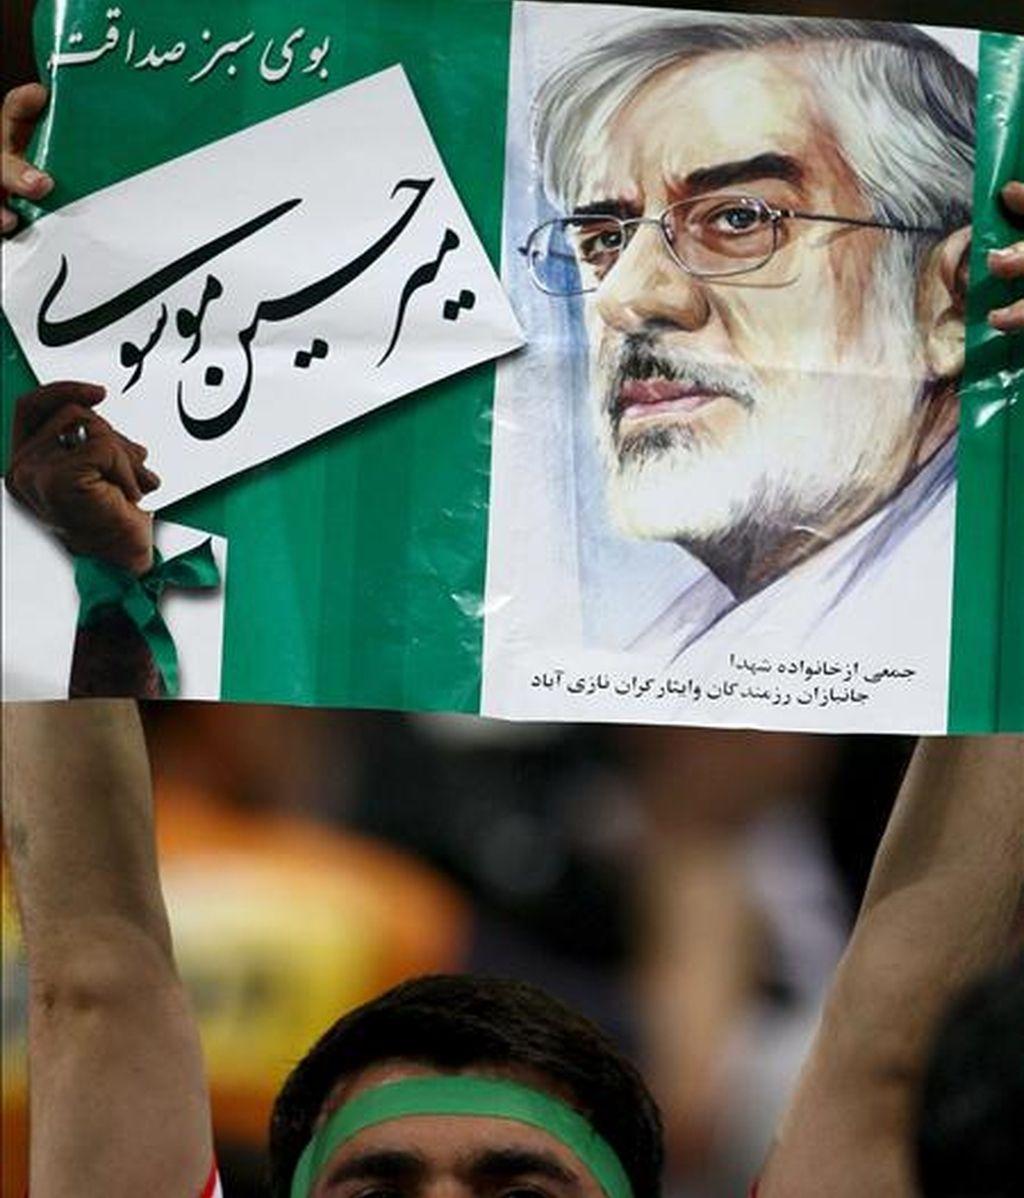 Un seguidor de la selección iraní de fútbol sostiene un cartel con la imagen del líder de la oposición, Mir Husein Musaví, durante el encuentro frente a Corea del Sur disputado hoy en Seúl. EFE